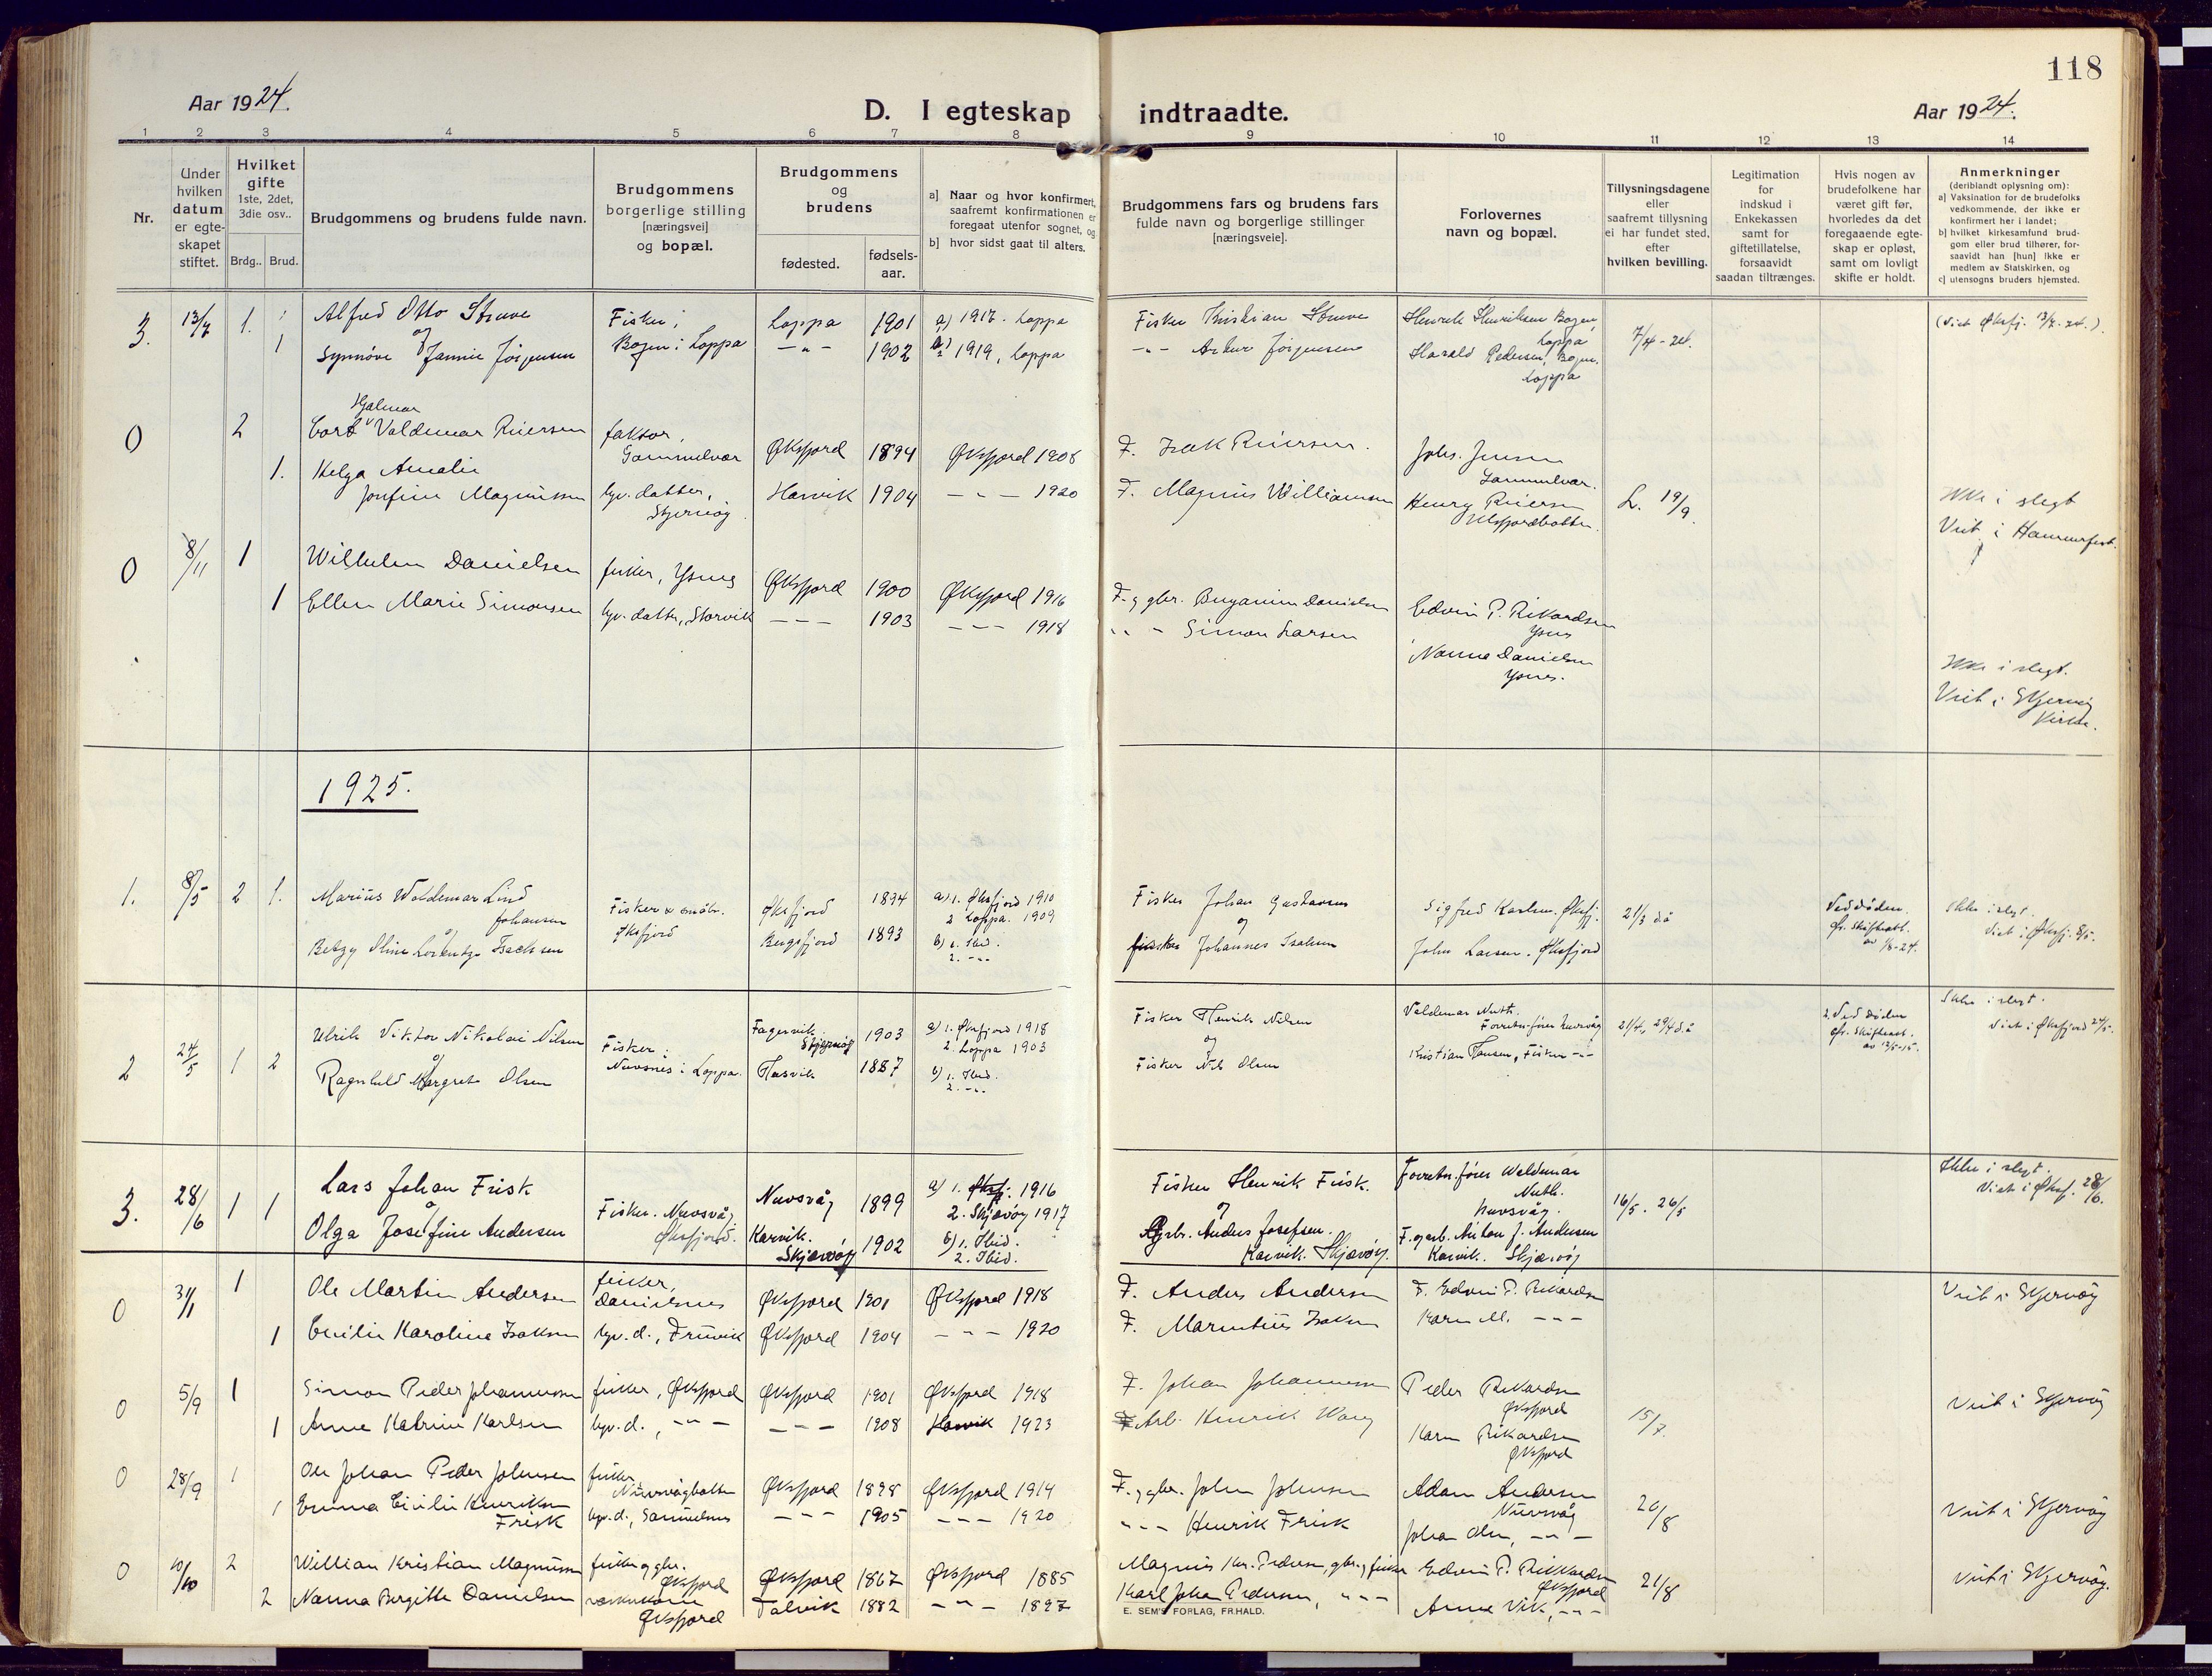 SATØ, Loppa sokneprestkontor, H/Ha/L0012kirke: Ministerialbok nr. 12, 1917-1932, s. 118